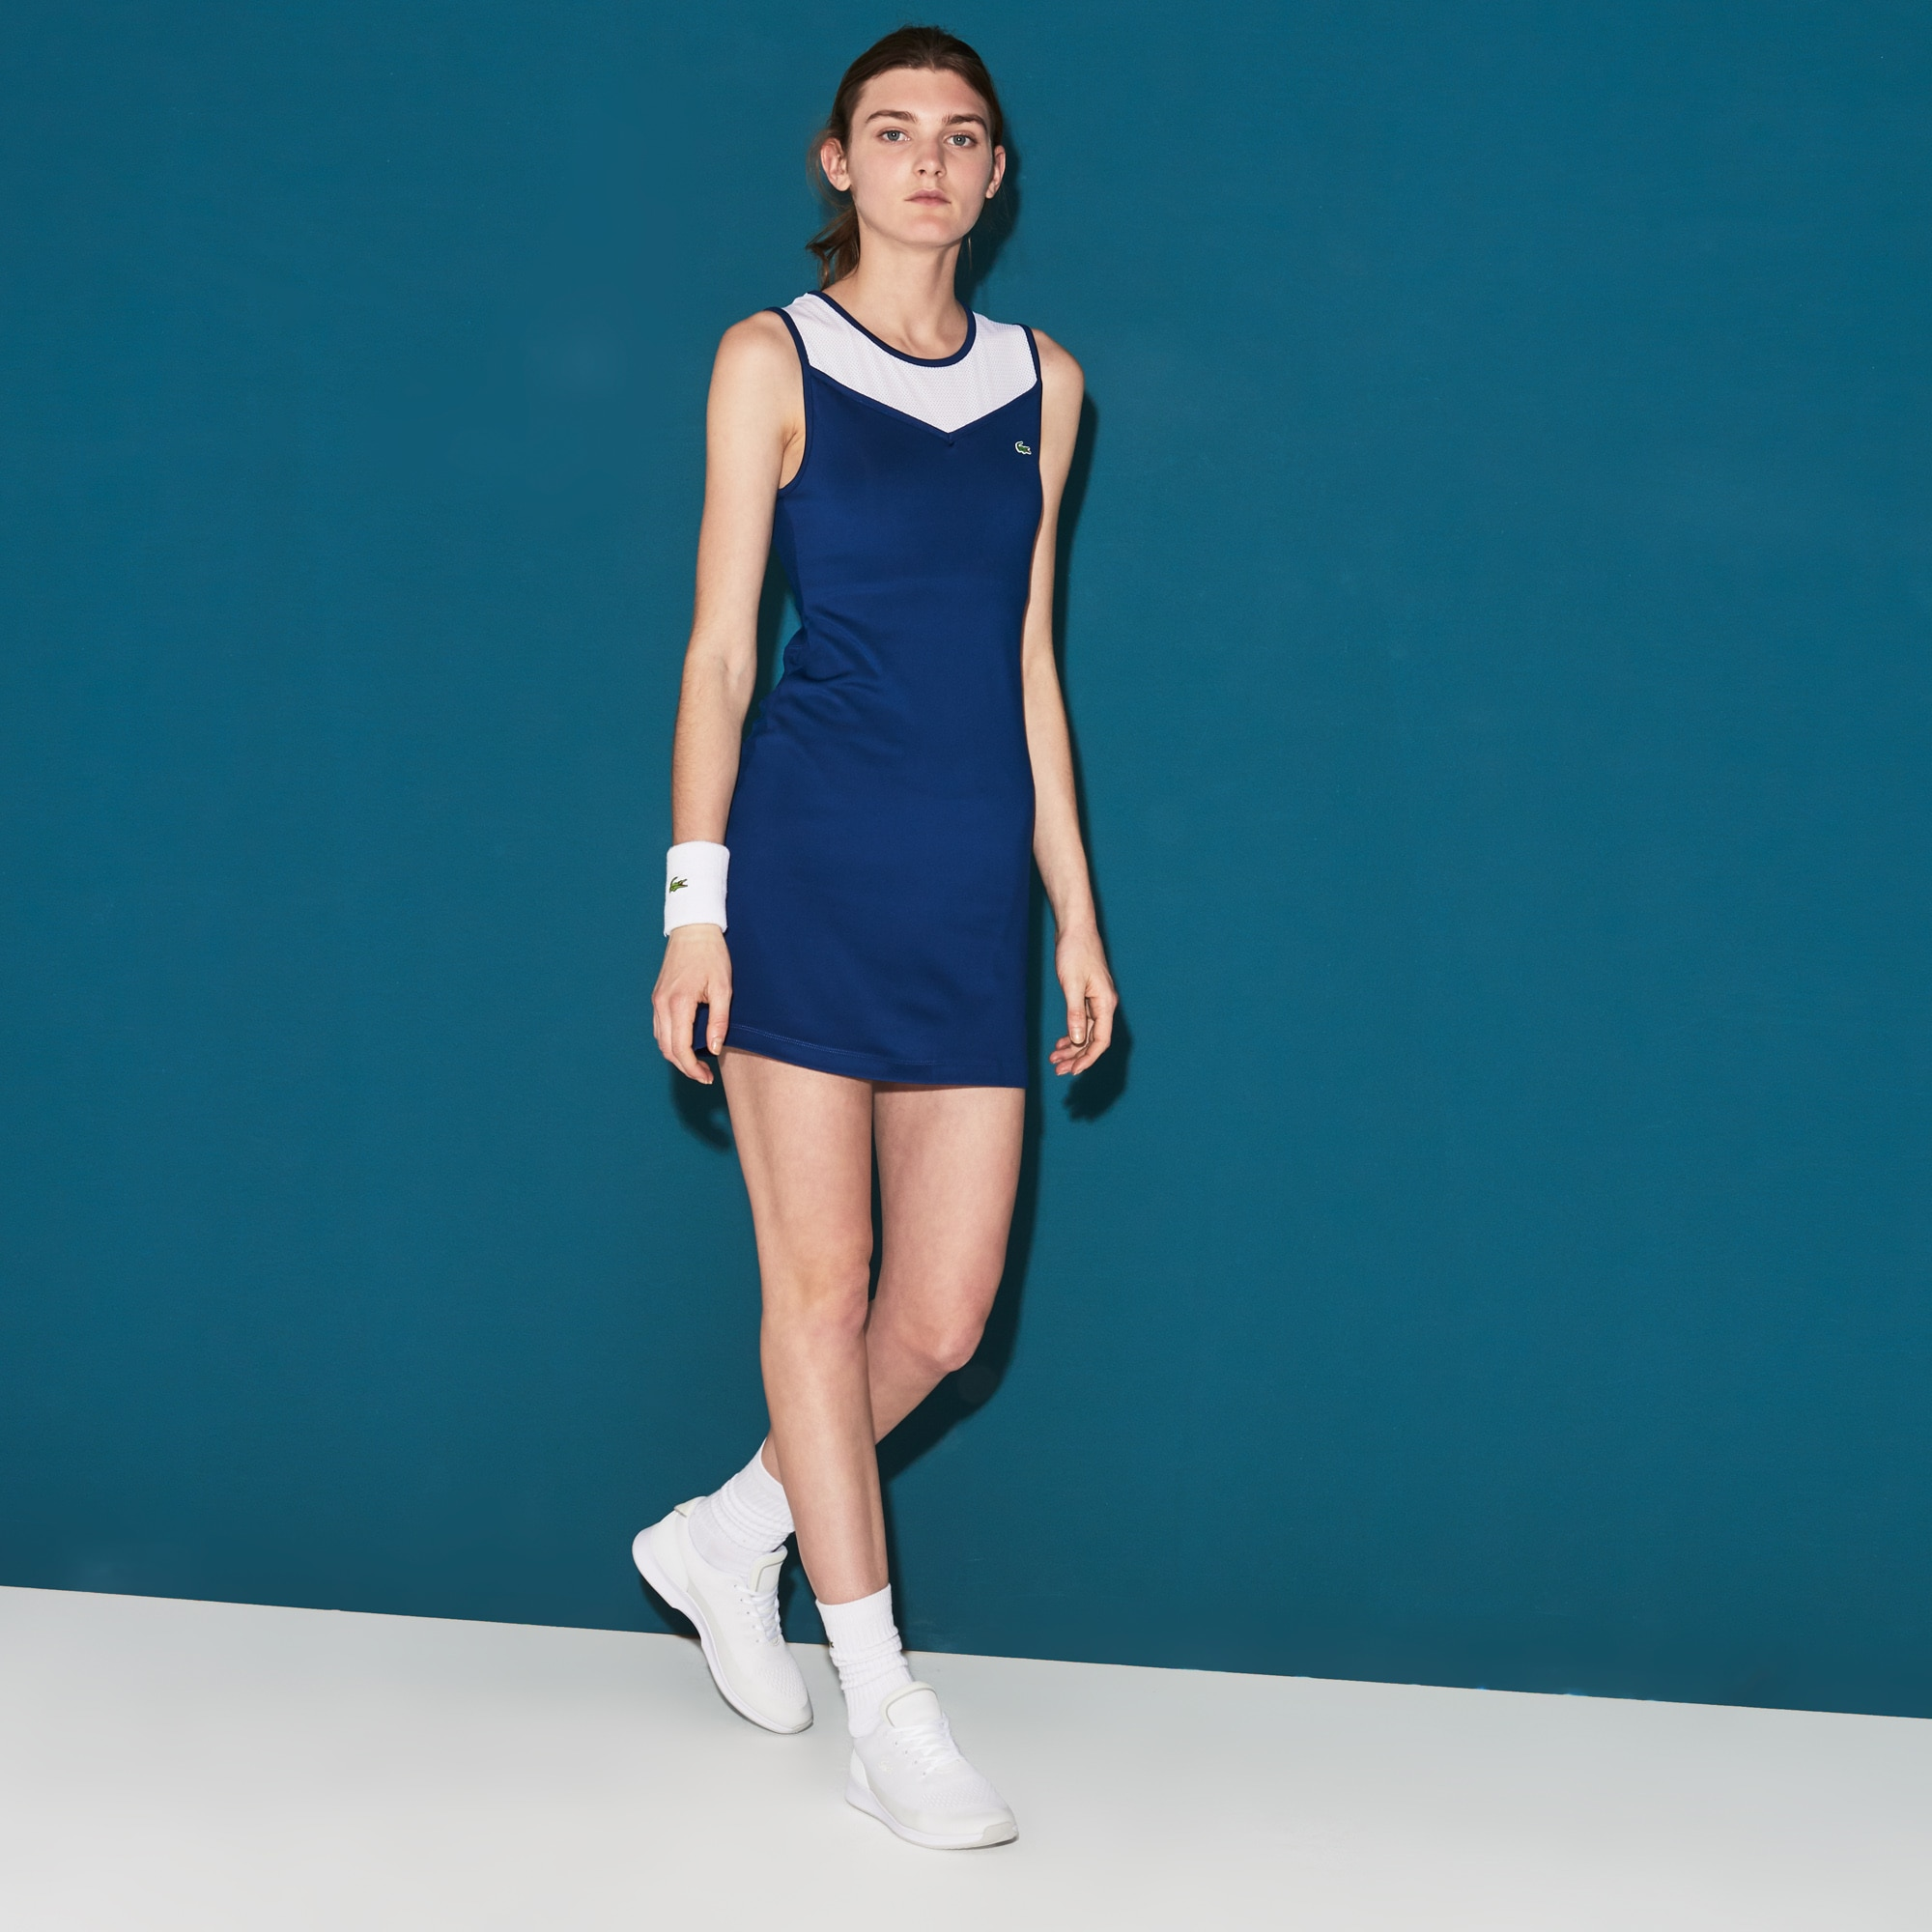 Women's SPORT Tech Jersey And Mesh Racerback Tennis Dress